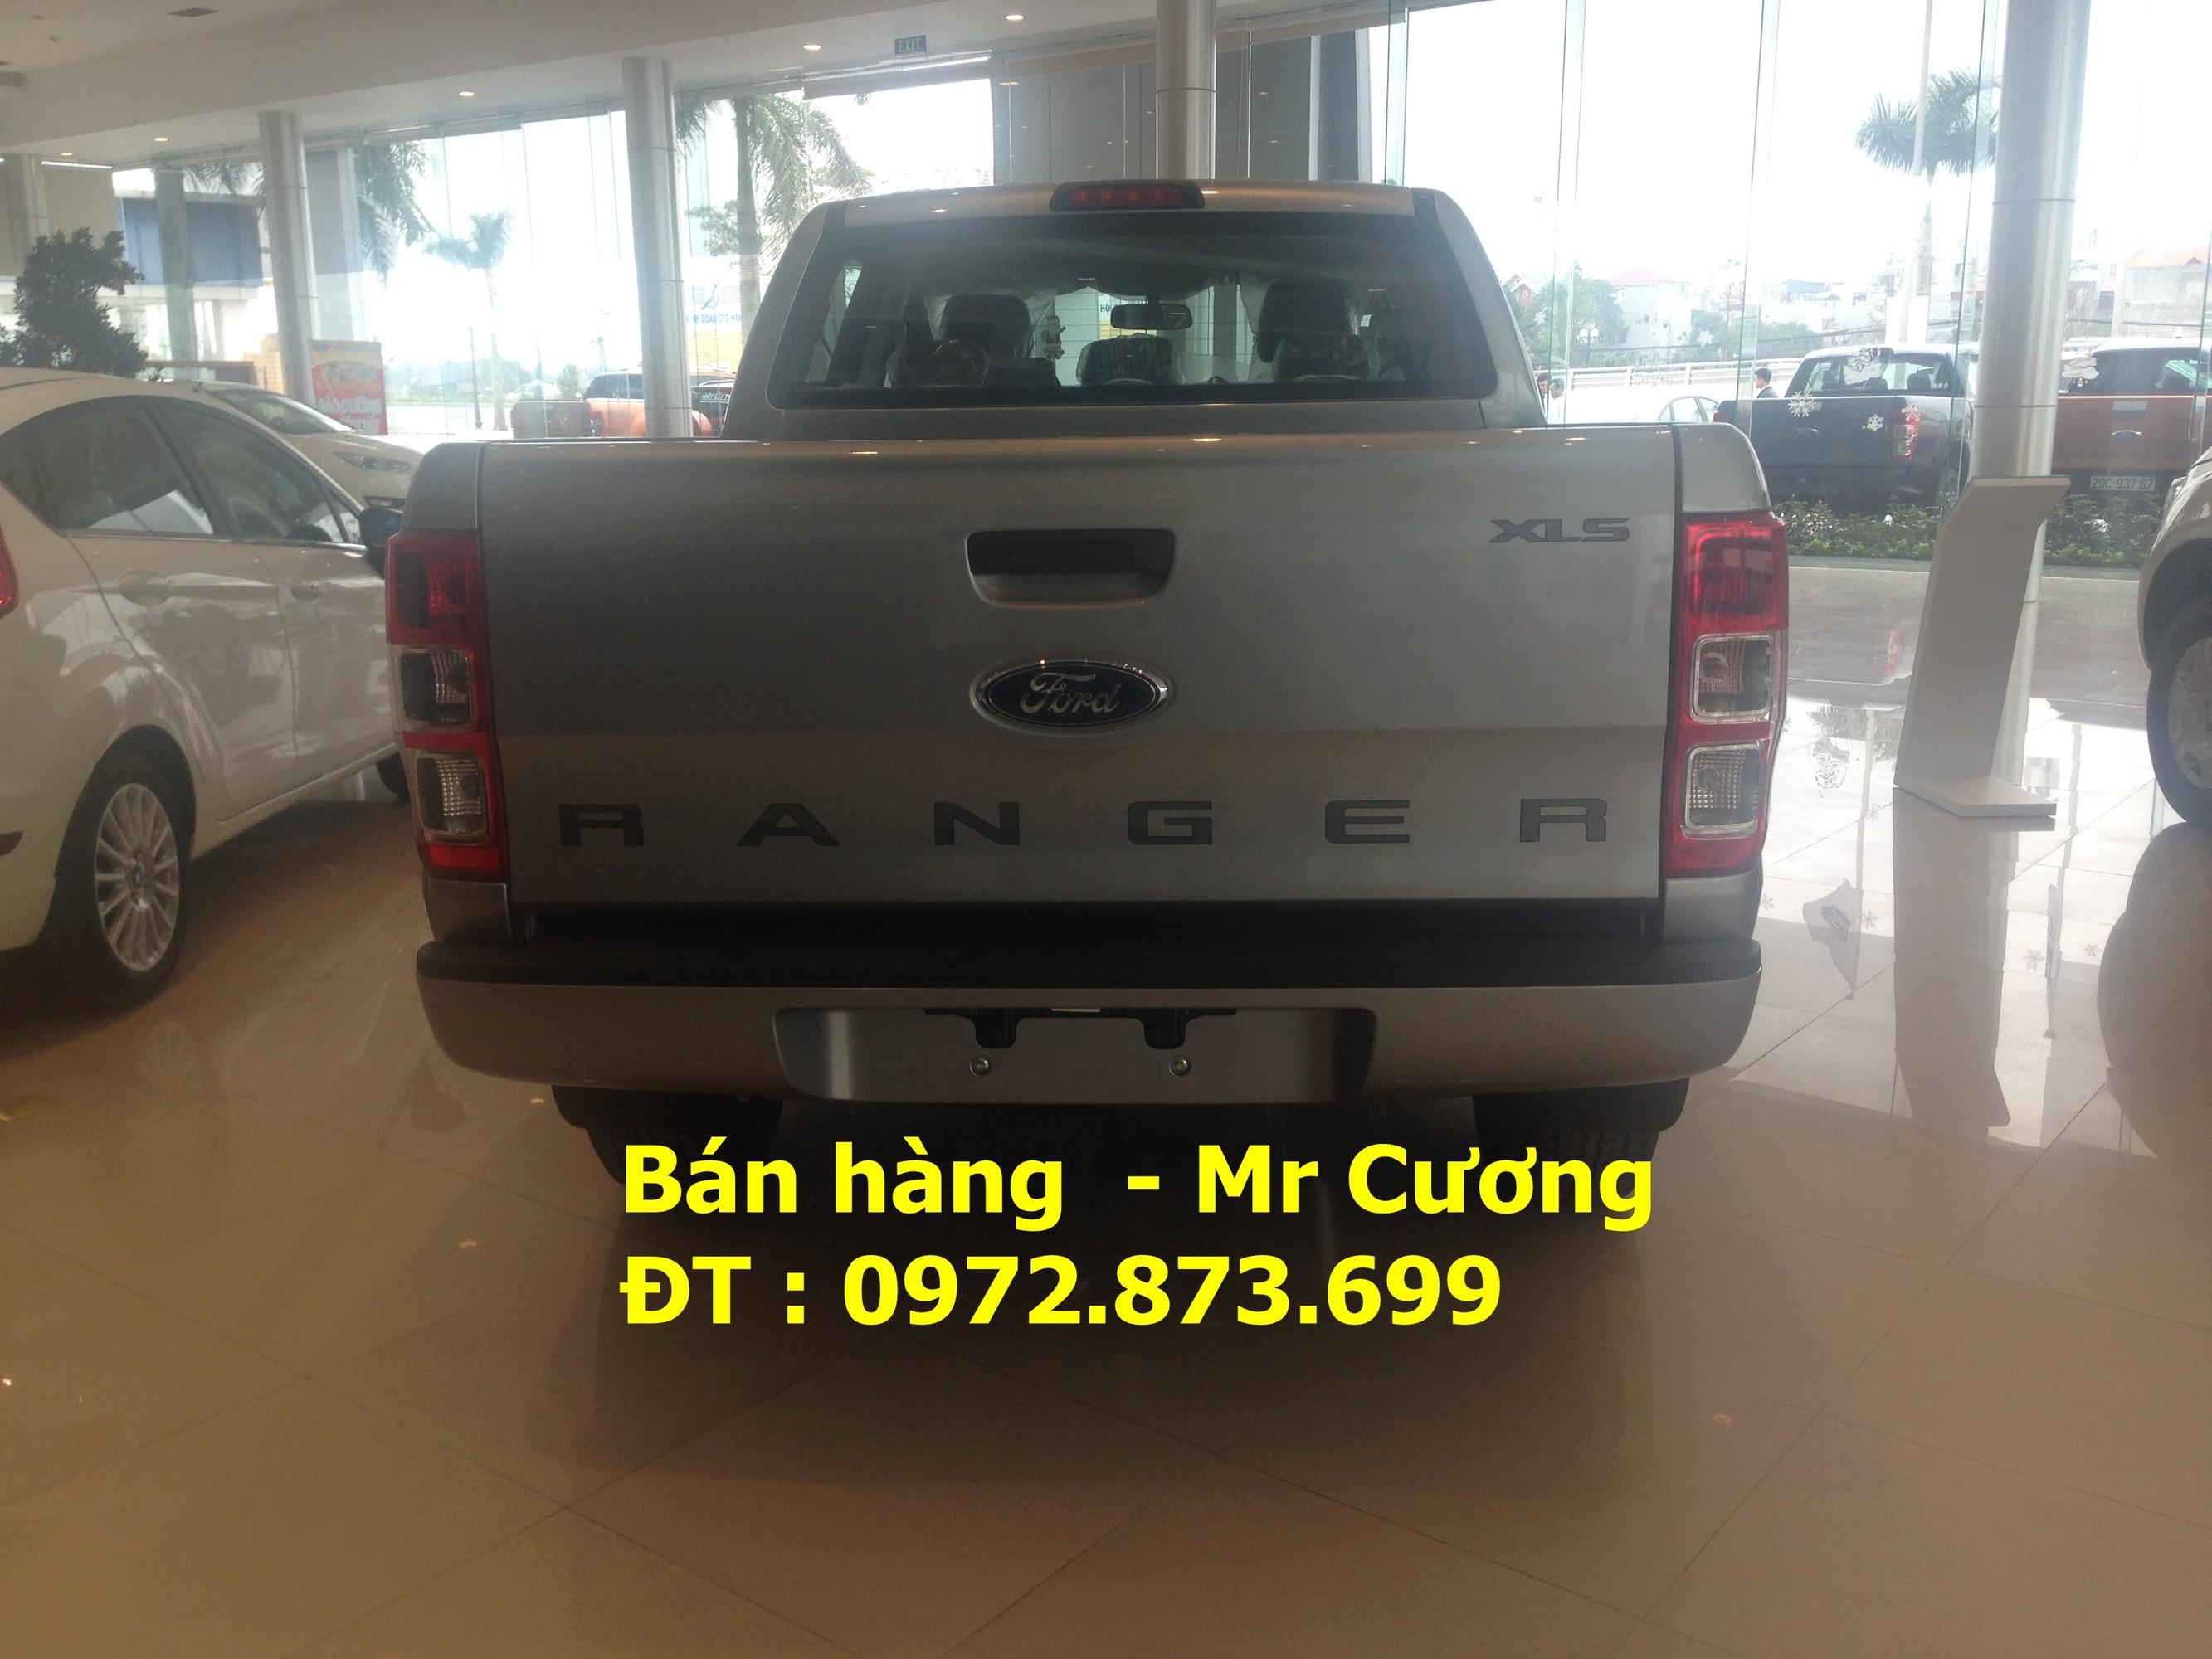 Bán xe ford ranger xls at bạc khuyến mại lớn sẵn xe giao ngay tại ford long biên Ảnh số 40388771